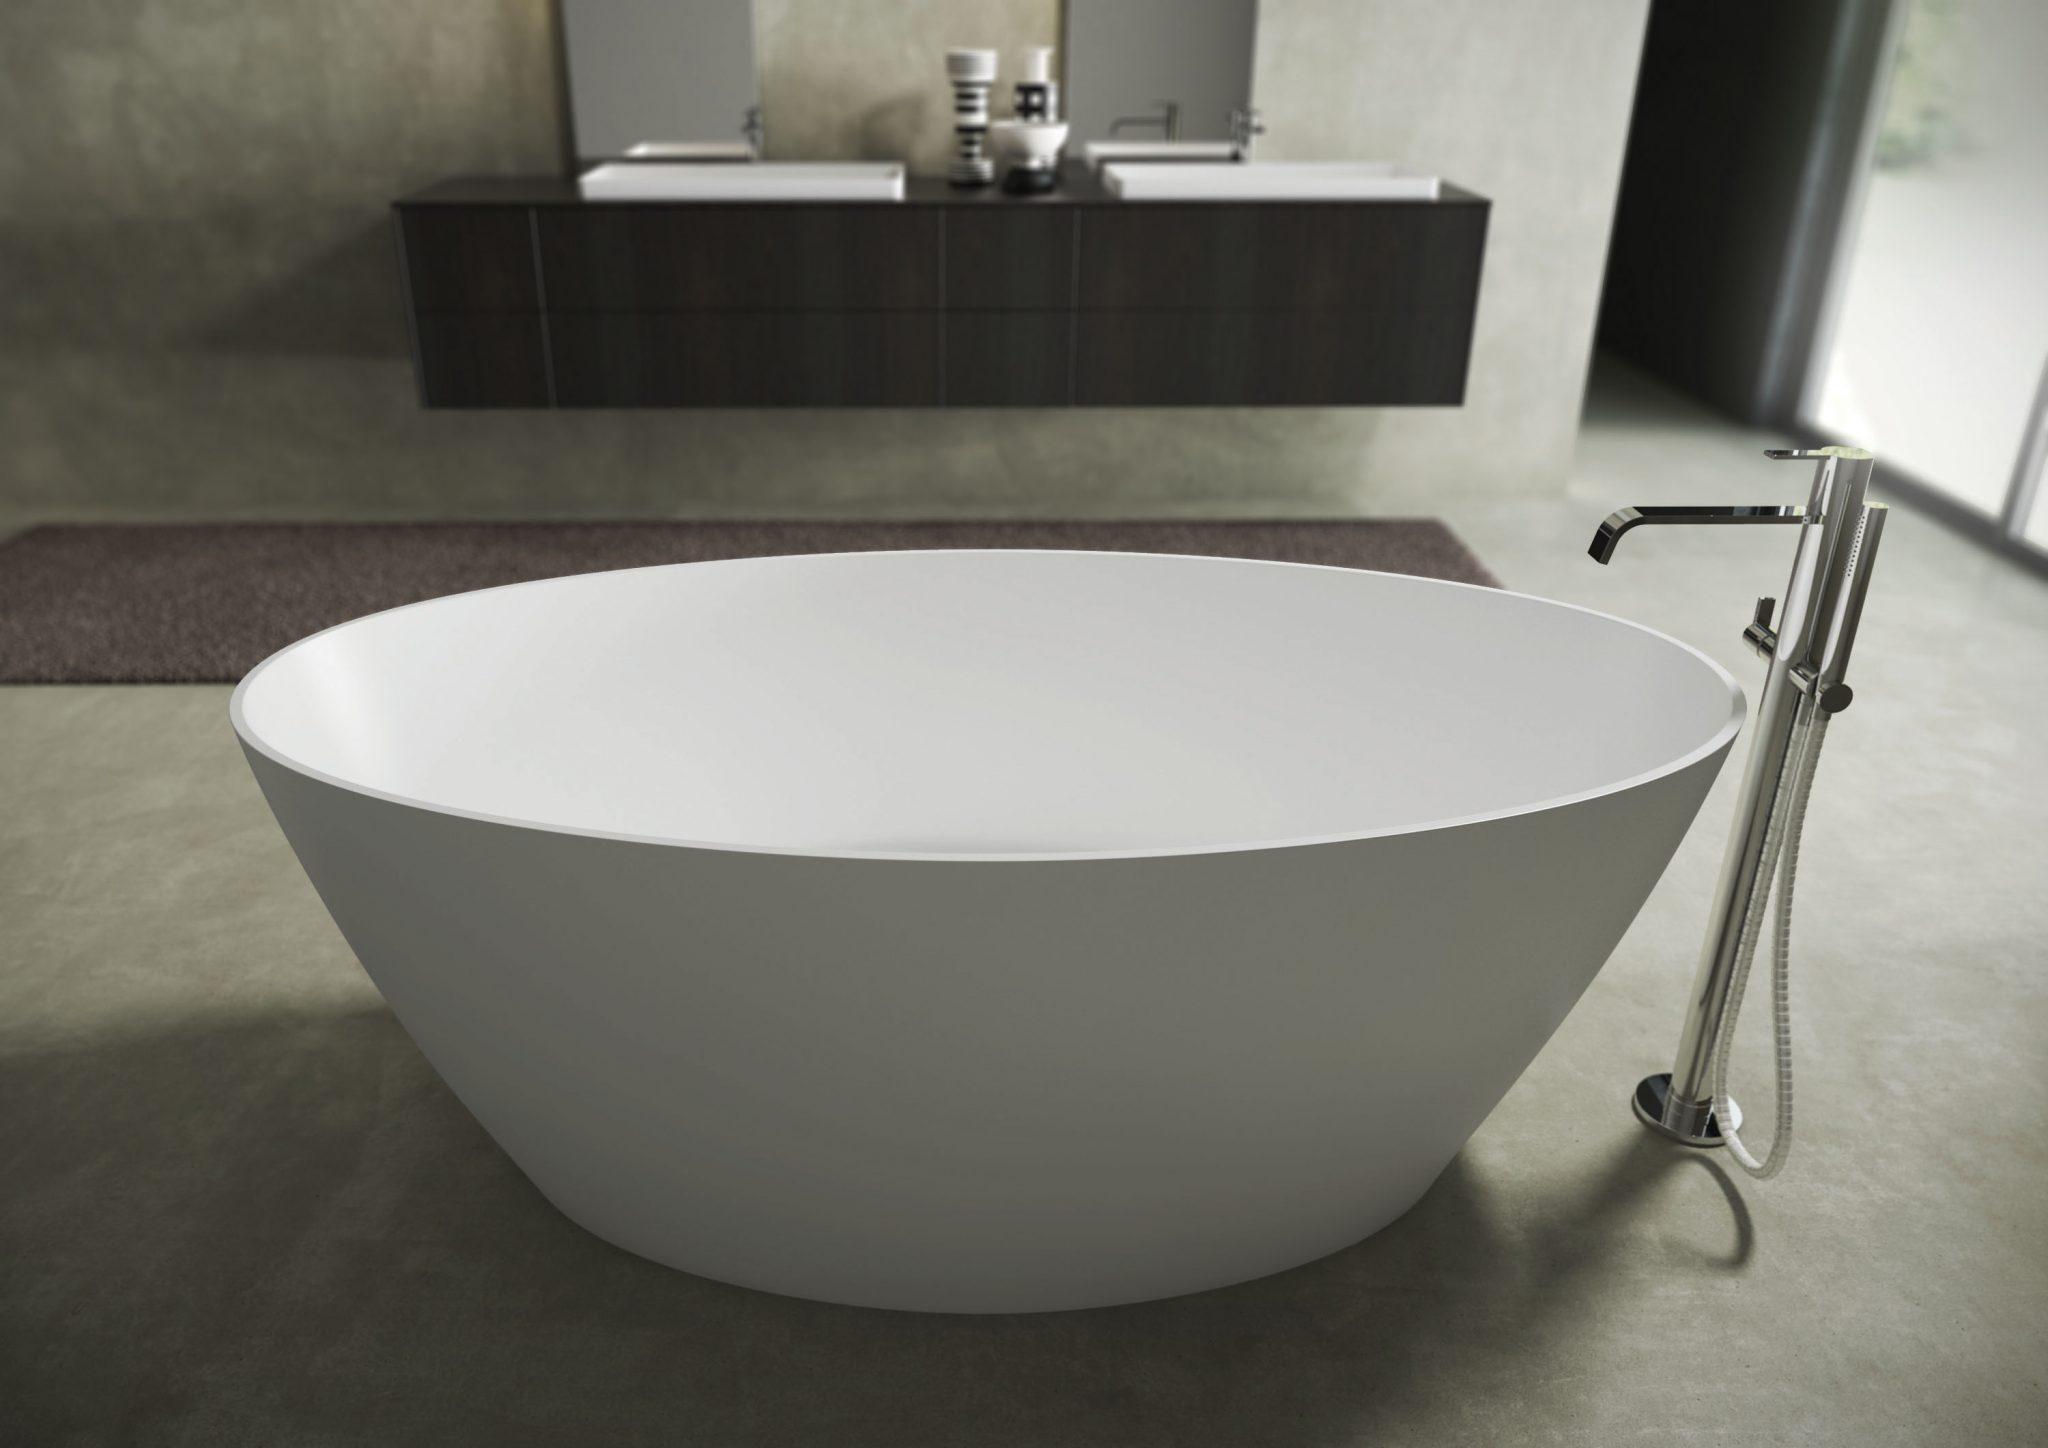 Dimensioni Minime Di Una Vasca Da Bagno : Come scegliere la vasca da bagno ideagroup blog